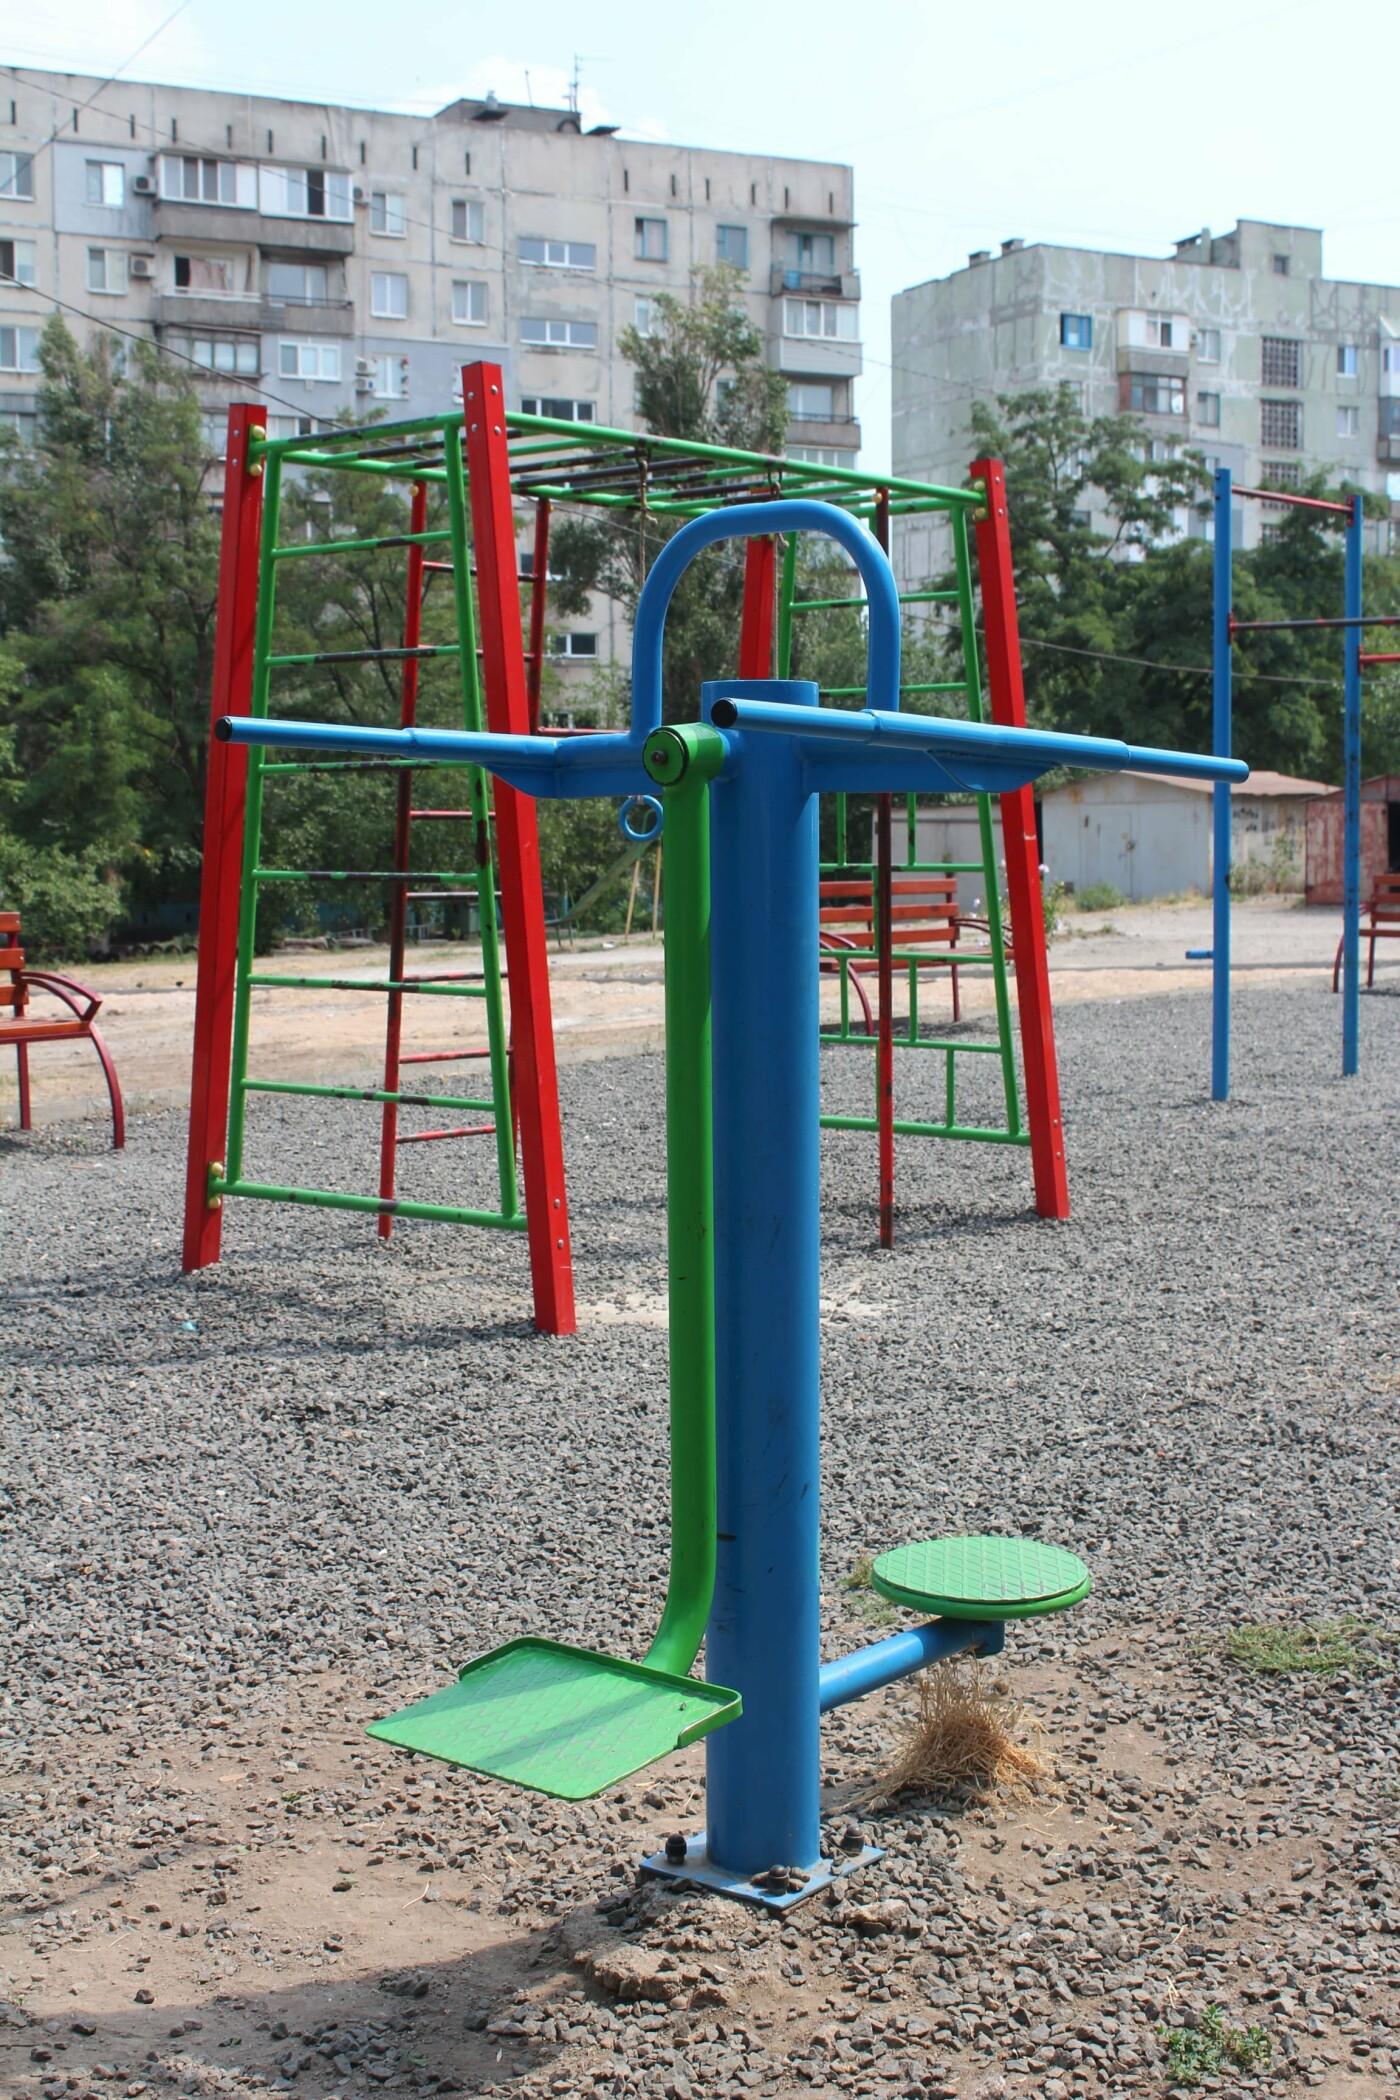 Наши дети – наше будущее. Обустройство детских и спортивных площадок в вашем городе, фото-6